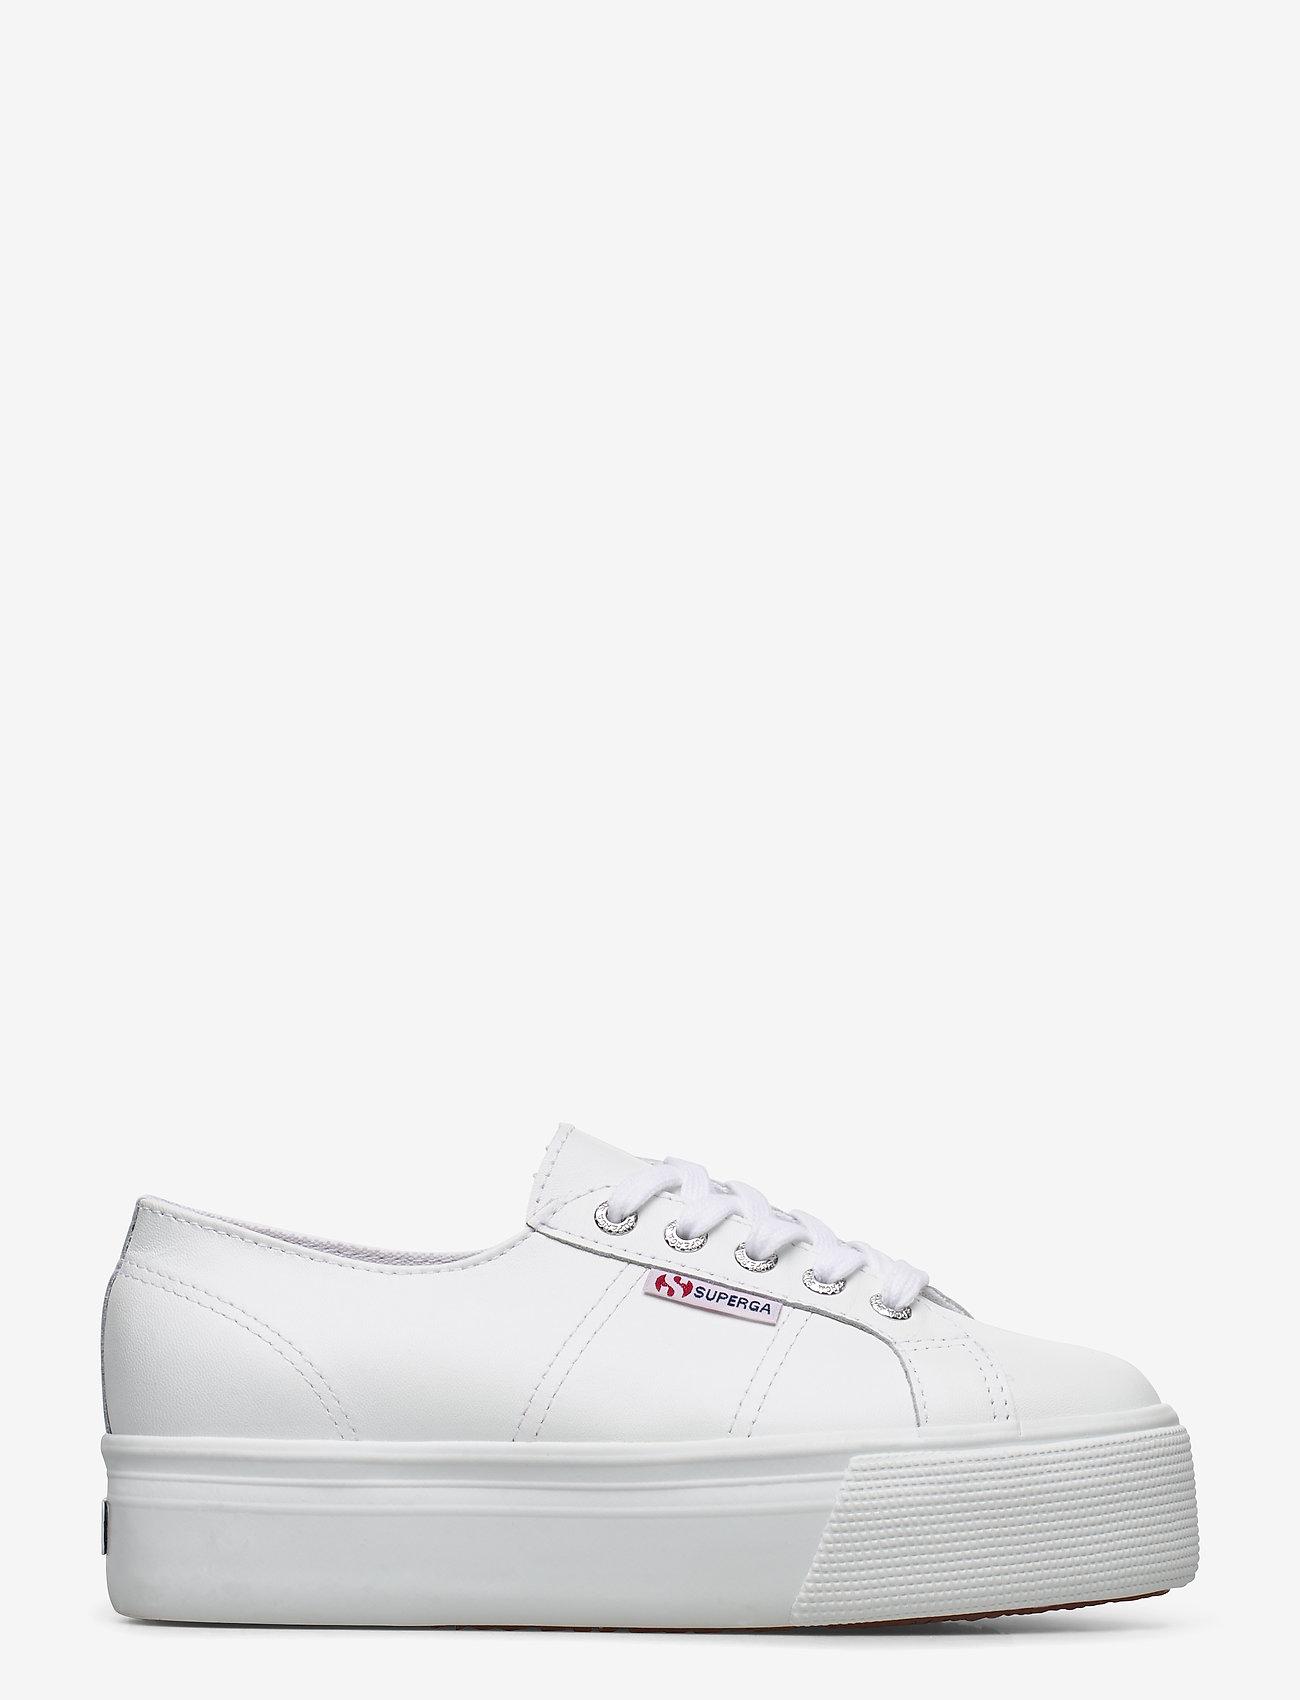 Superga - Superga 2790 NAPLNGCOTW - låga sneakers - white - 1